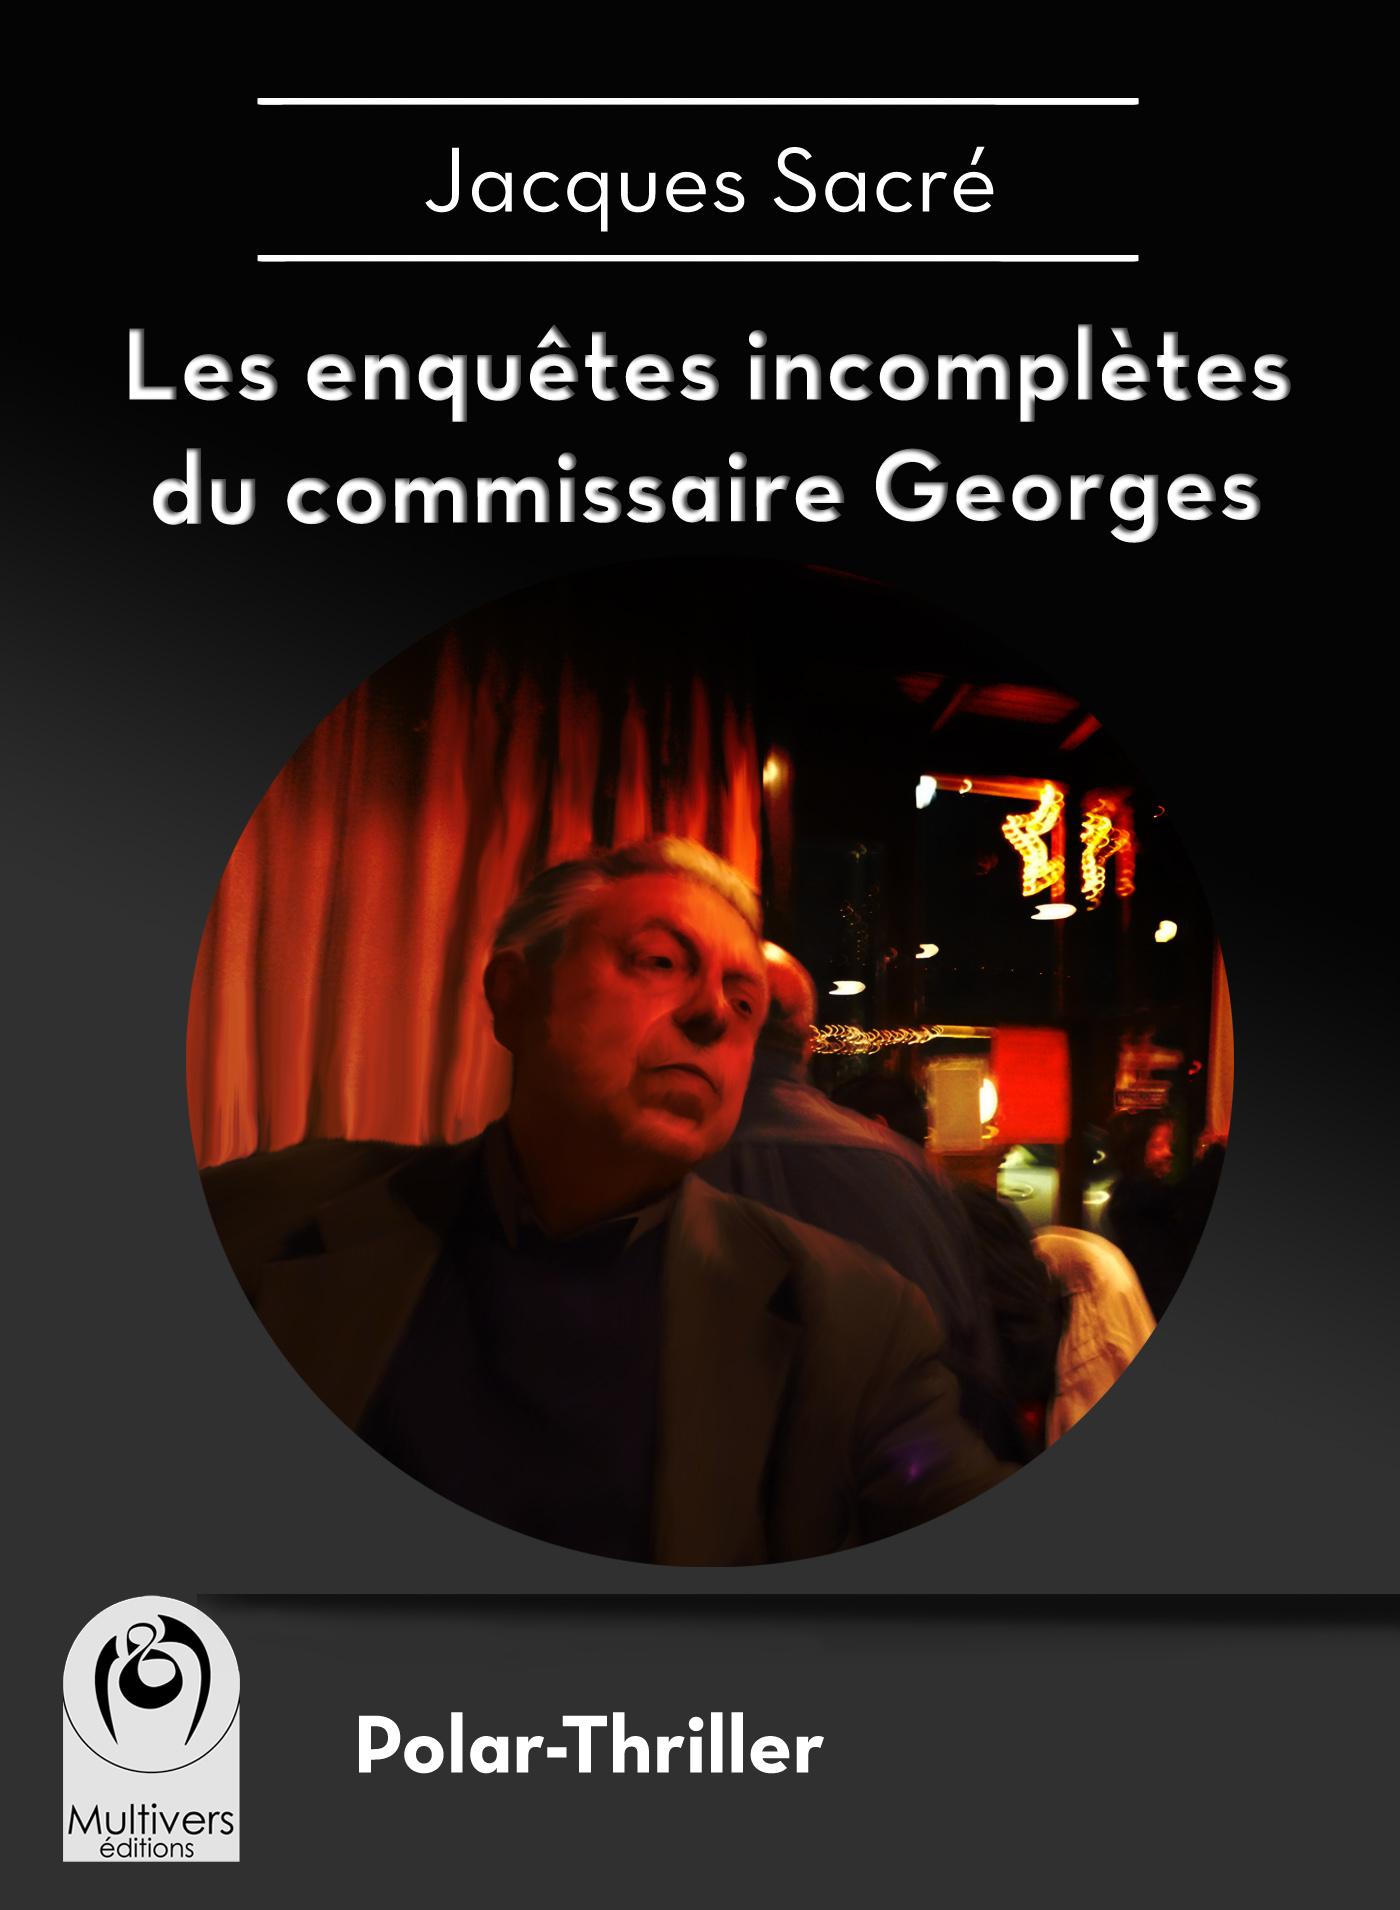 Les enquêtes incomplètes du commissaire Georges